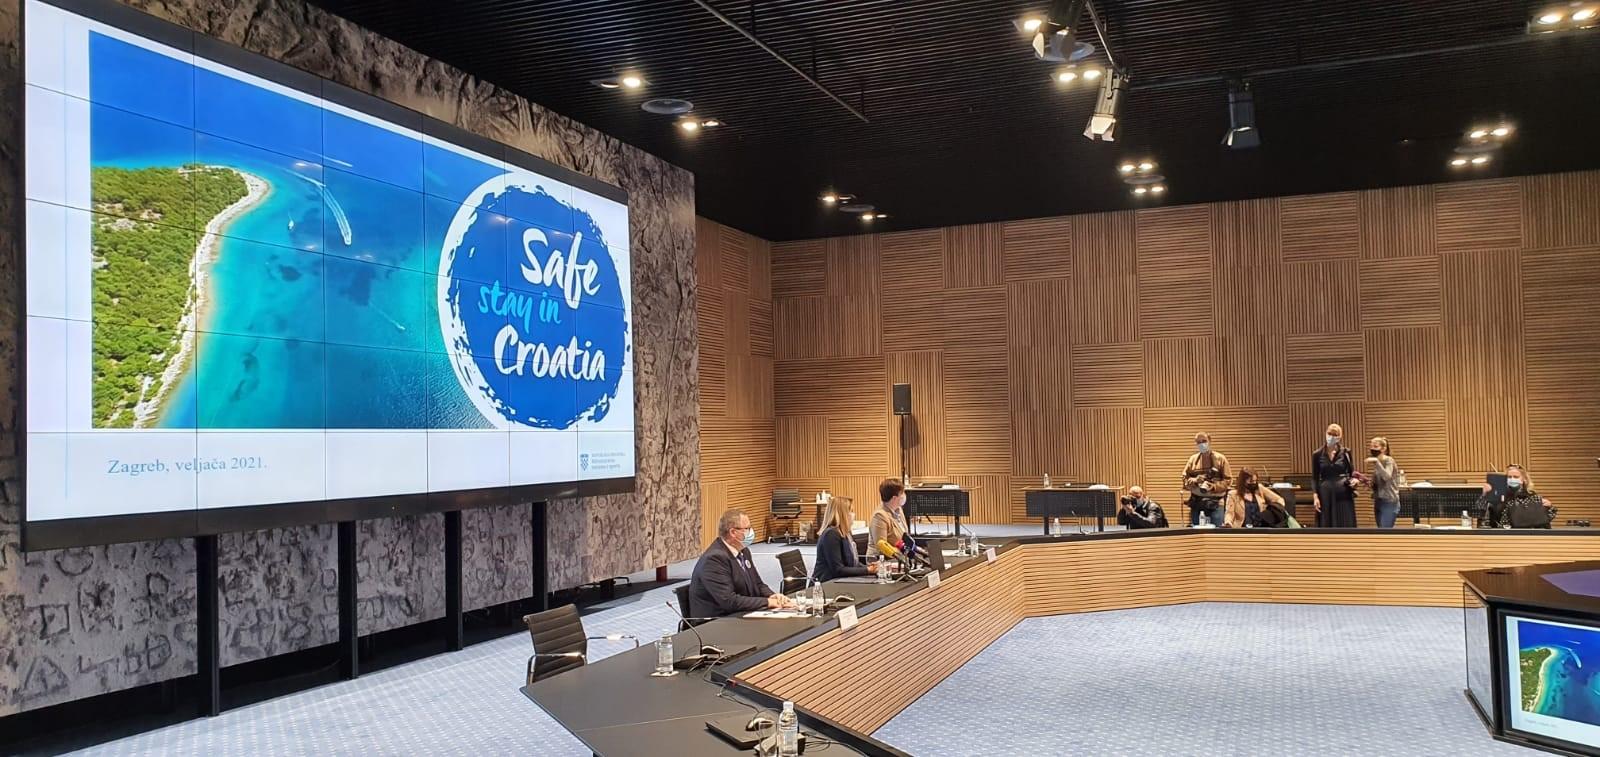 Predstavenie projektu Safe stay in Croatia